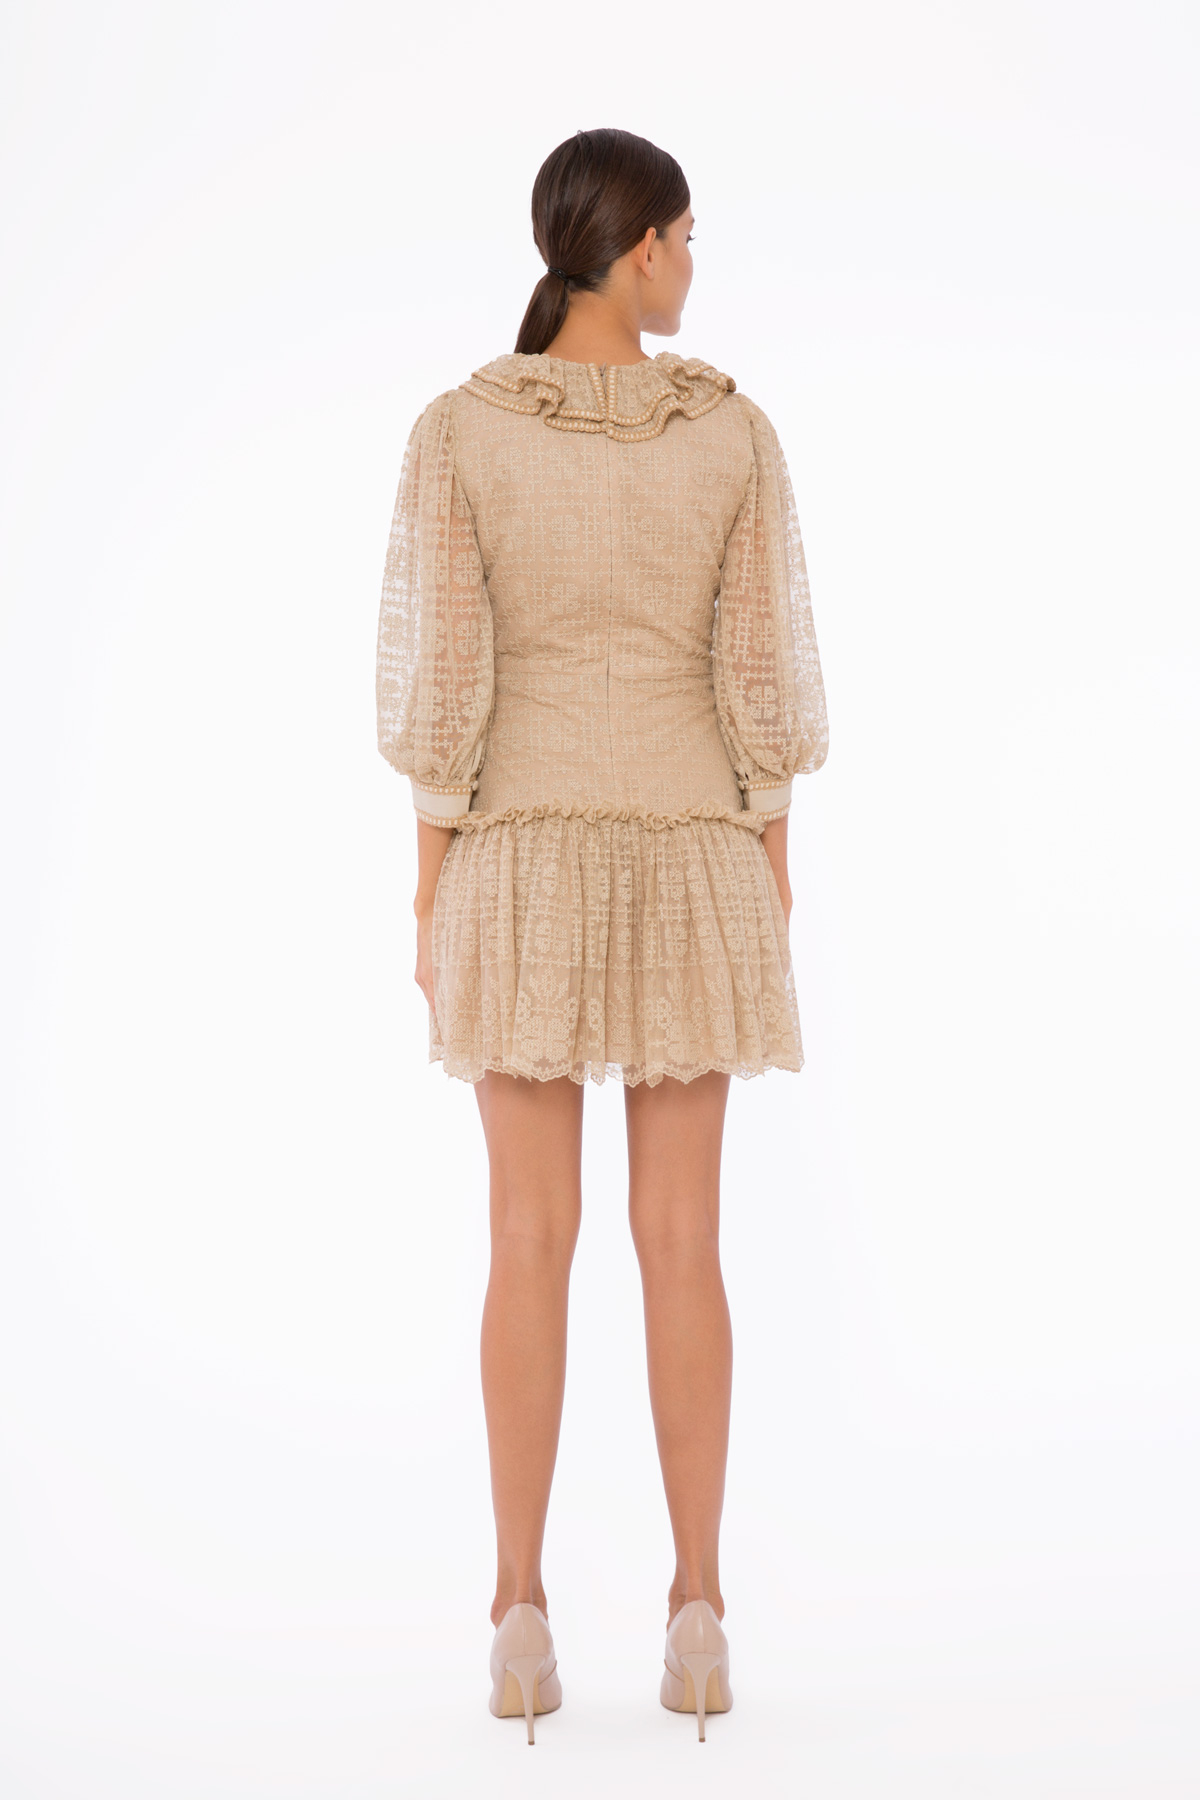 Şerit Detaylı, Yakası Volanlı, Mini Dantel Elbise